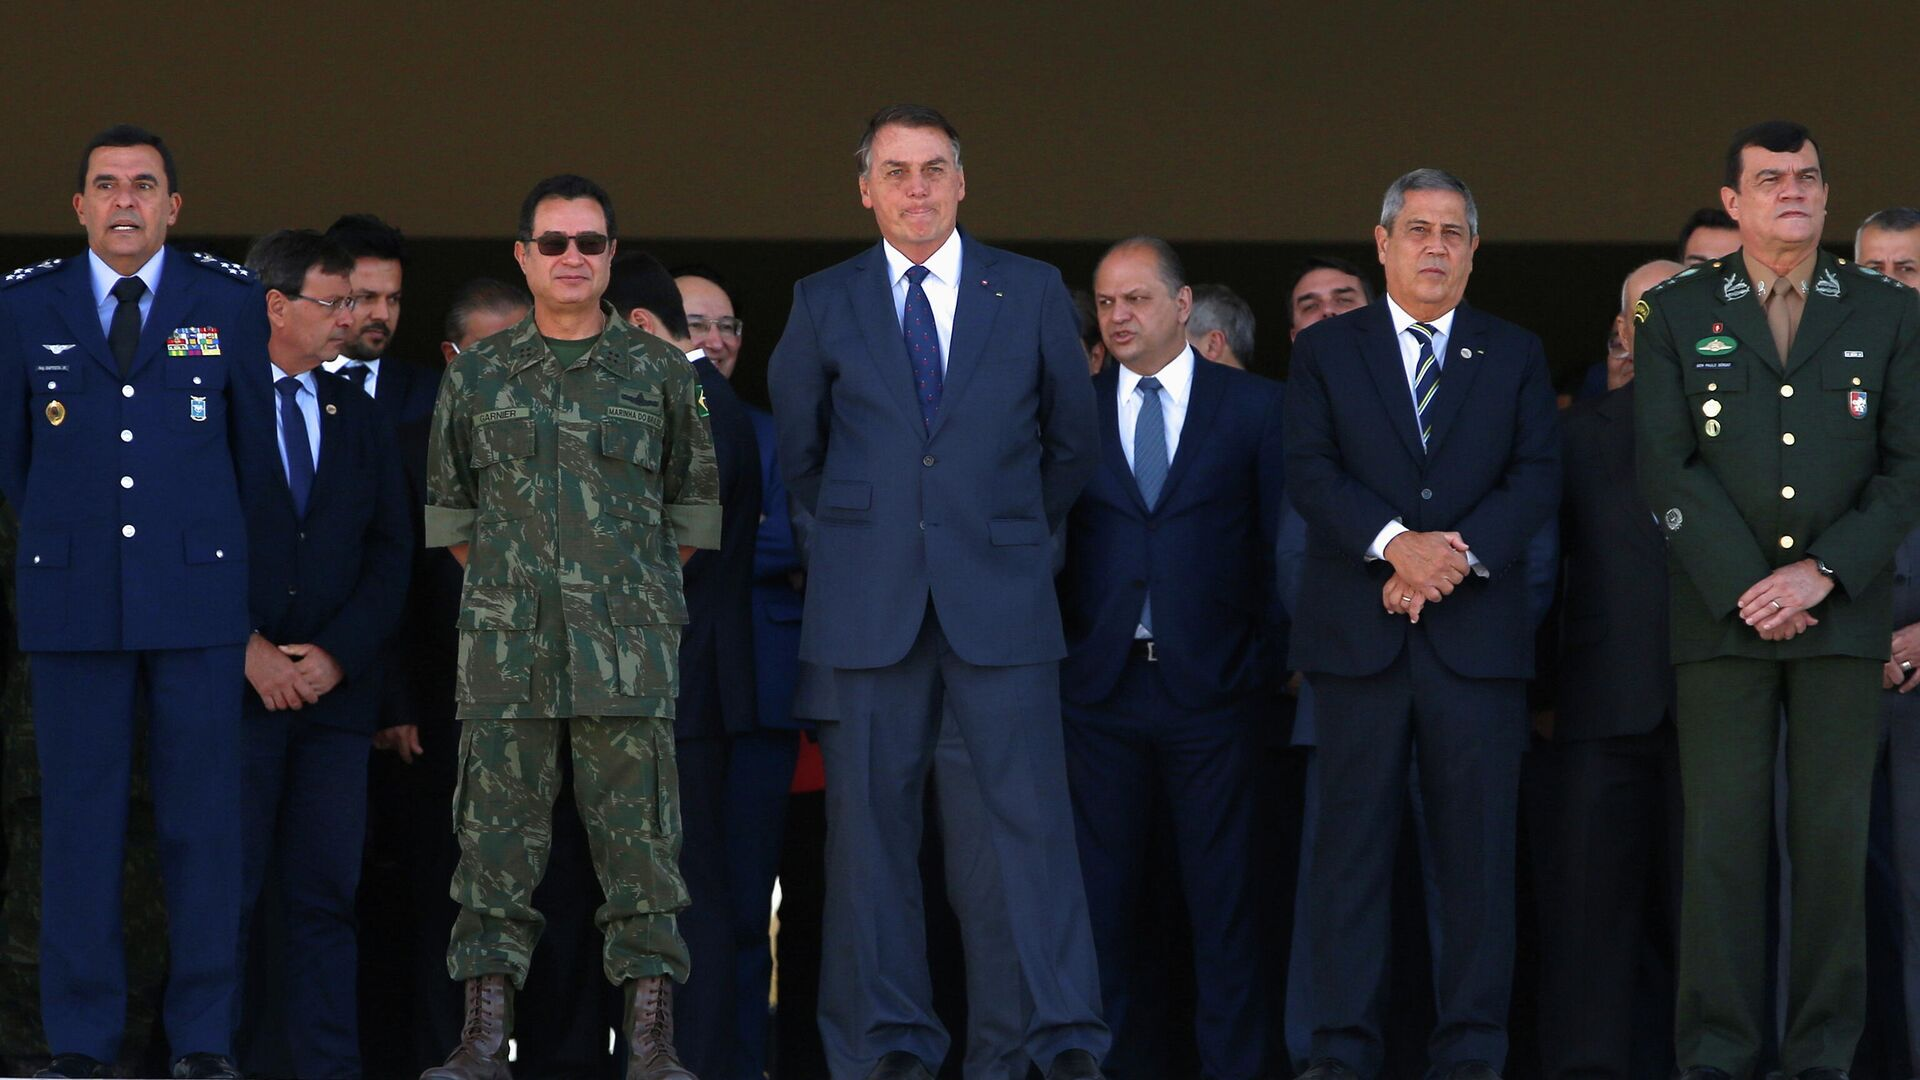 El presidente de Brasil, Jair Bolsonaro, asiste a un desfile militar, Brasilia, Brasil, el 10 de agosto de 2021   - Sputnik Mundo, 1920, 10.08.2021